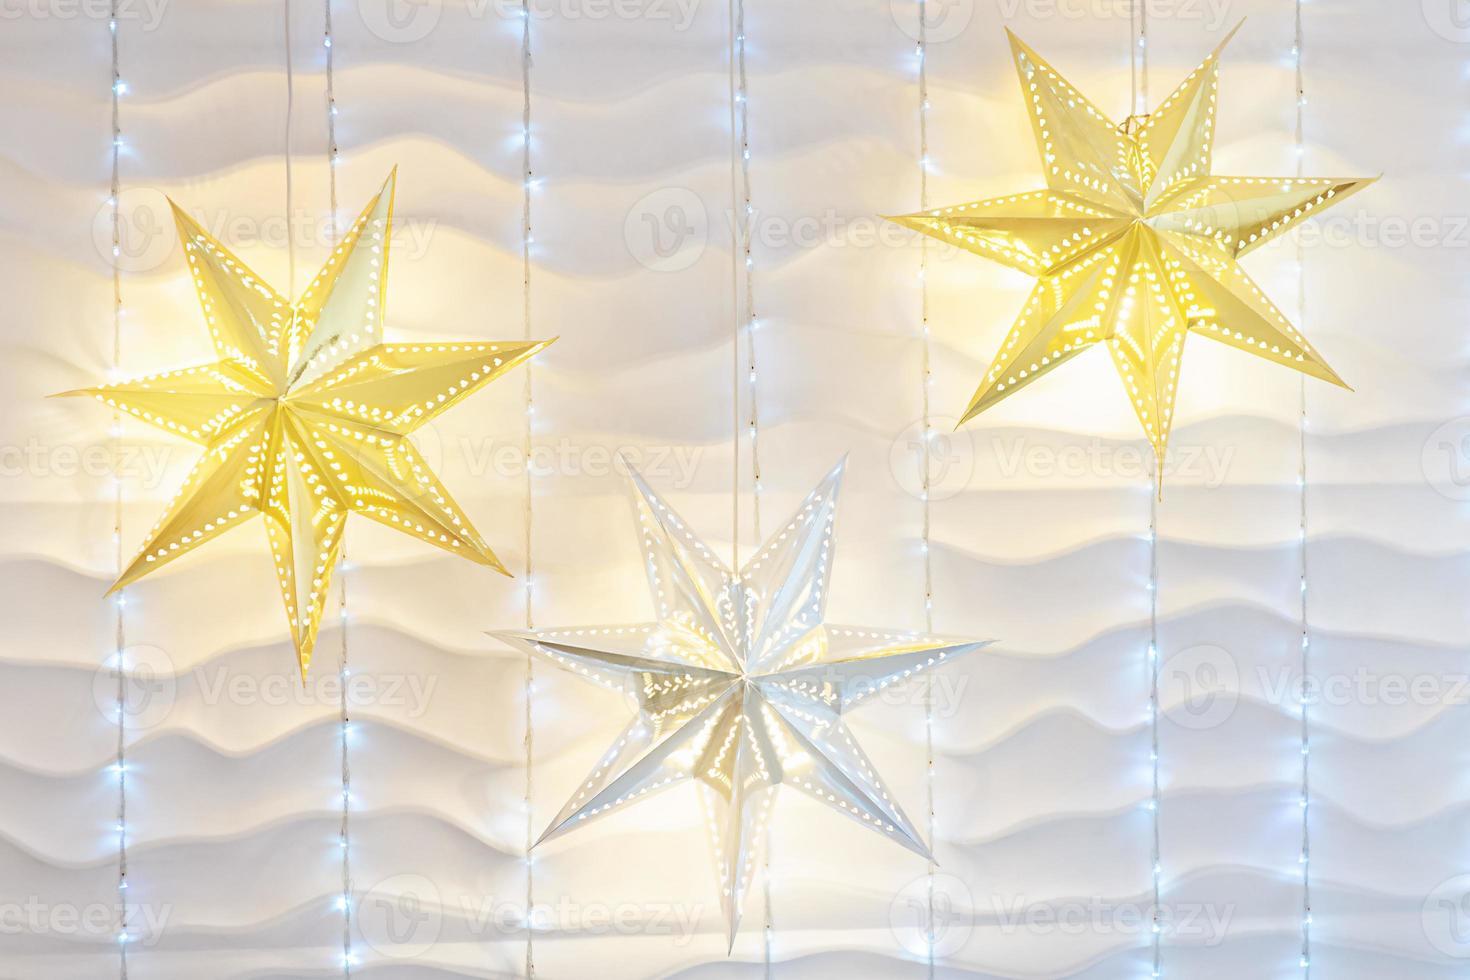 vit vägg julbakgrund med glänsande lampor. foto